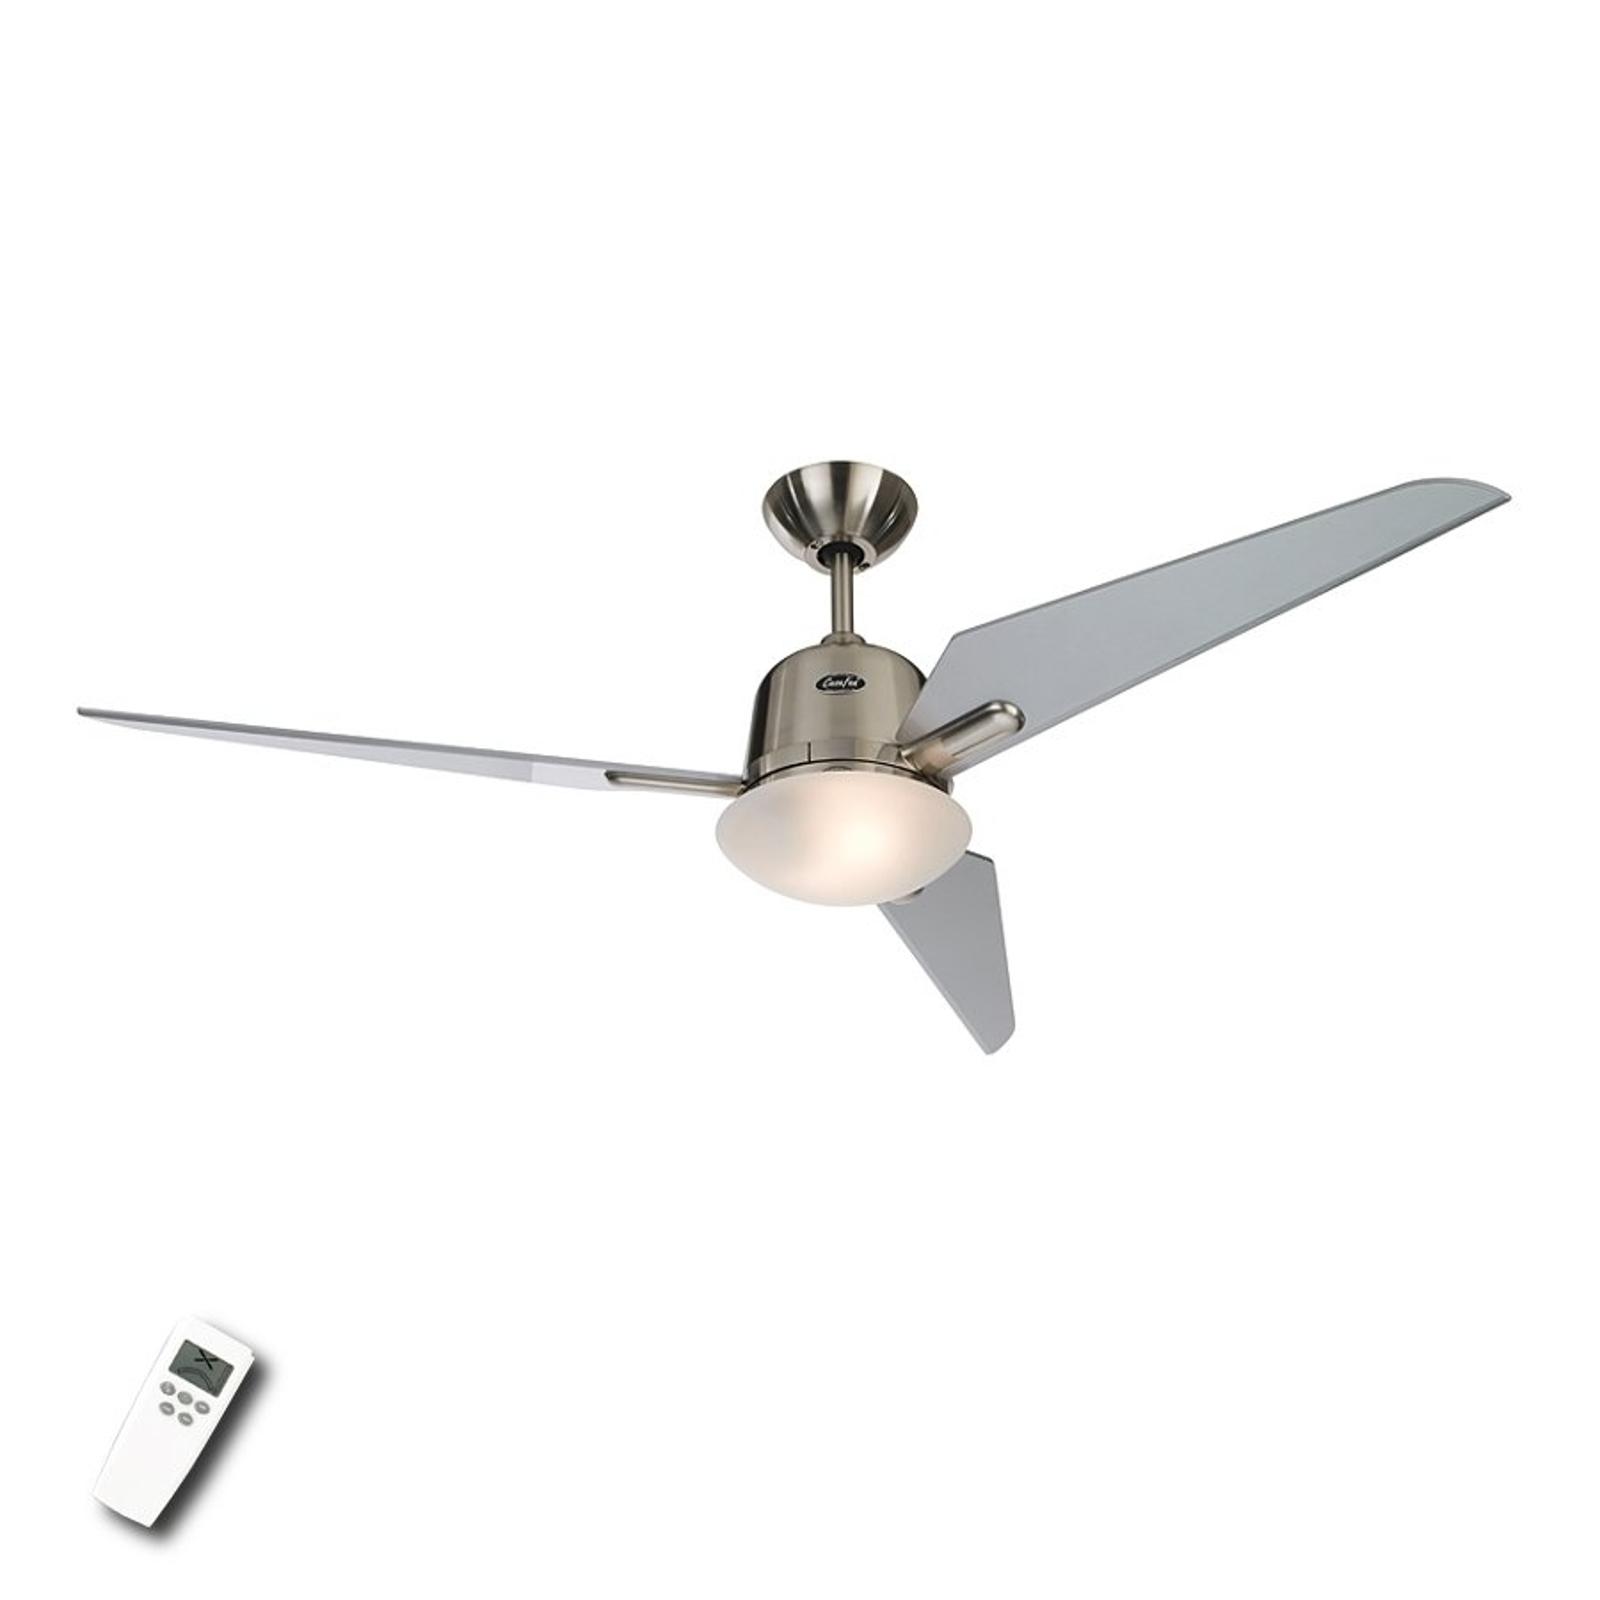 Stropní ventilátor Eco Aviatos stříbrná 132 cm